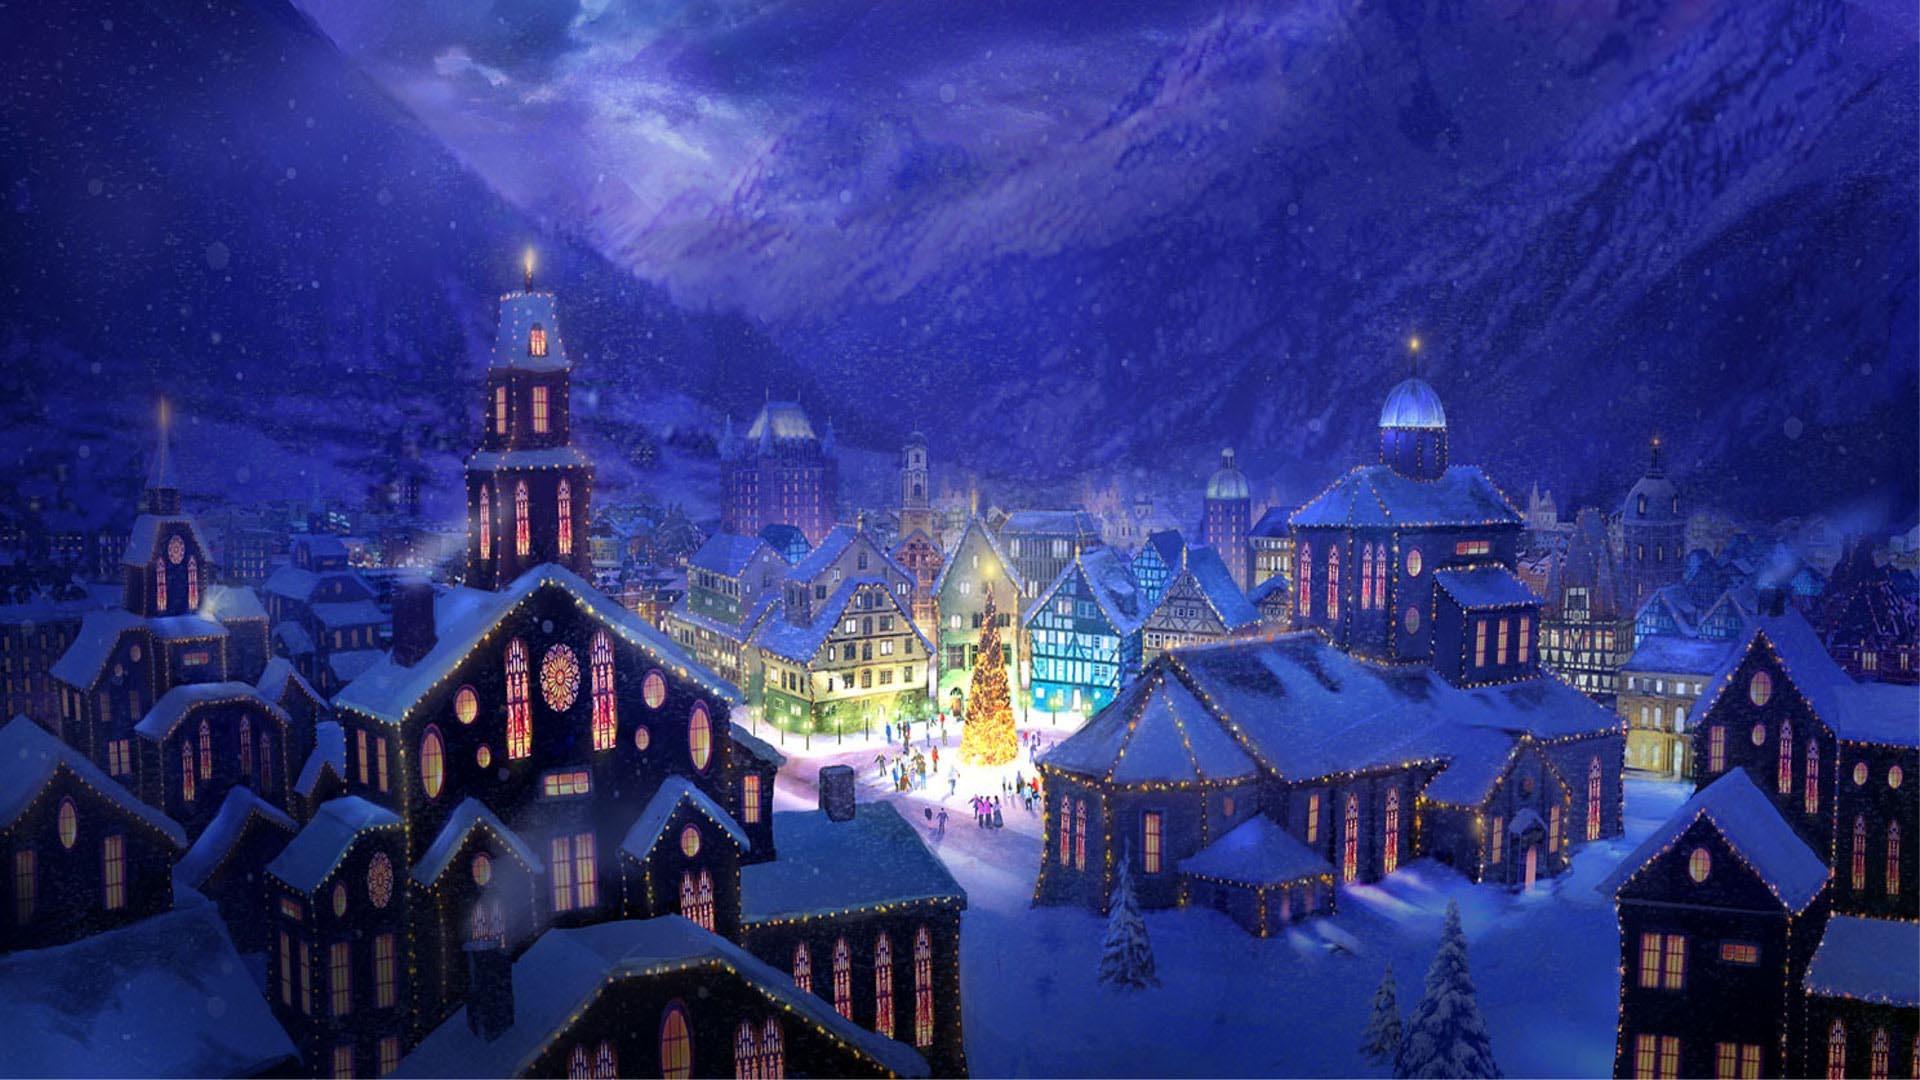 Christmas Village Scene Wallpaper (06)